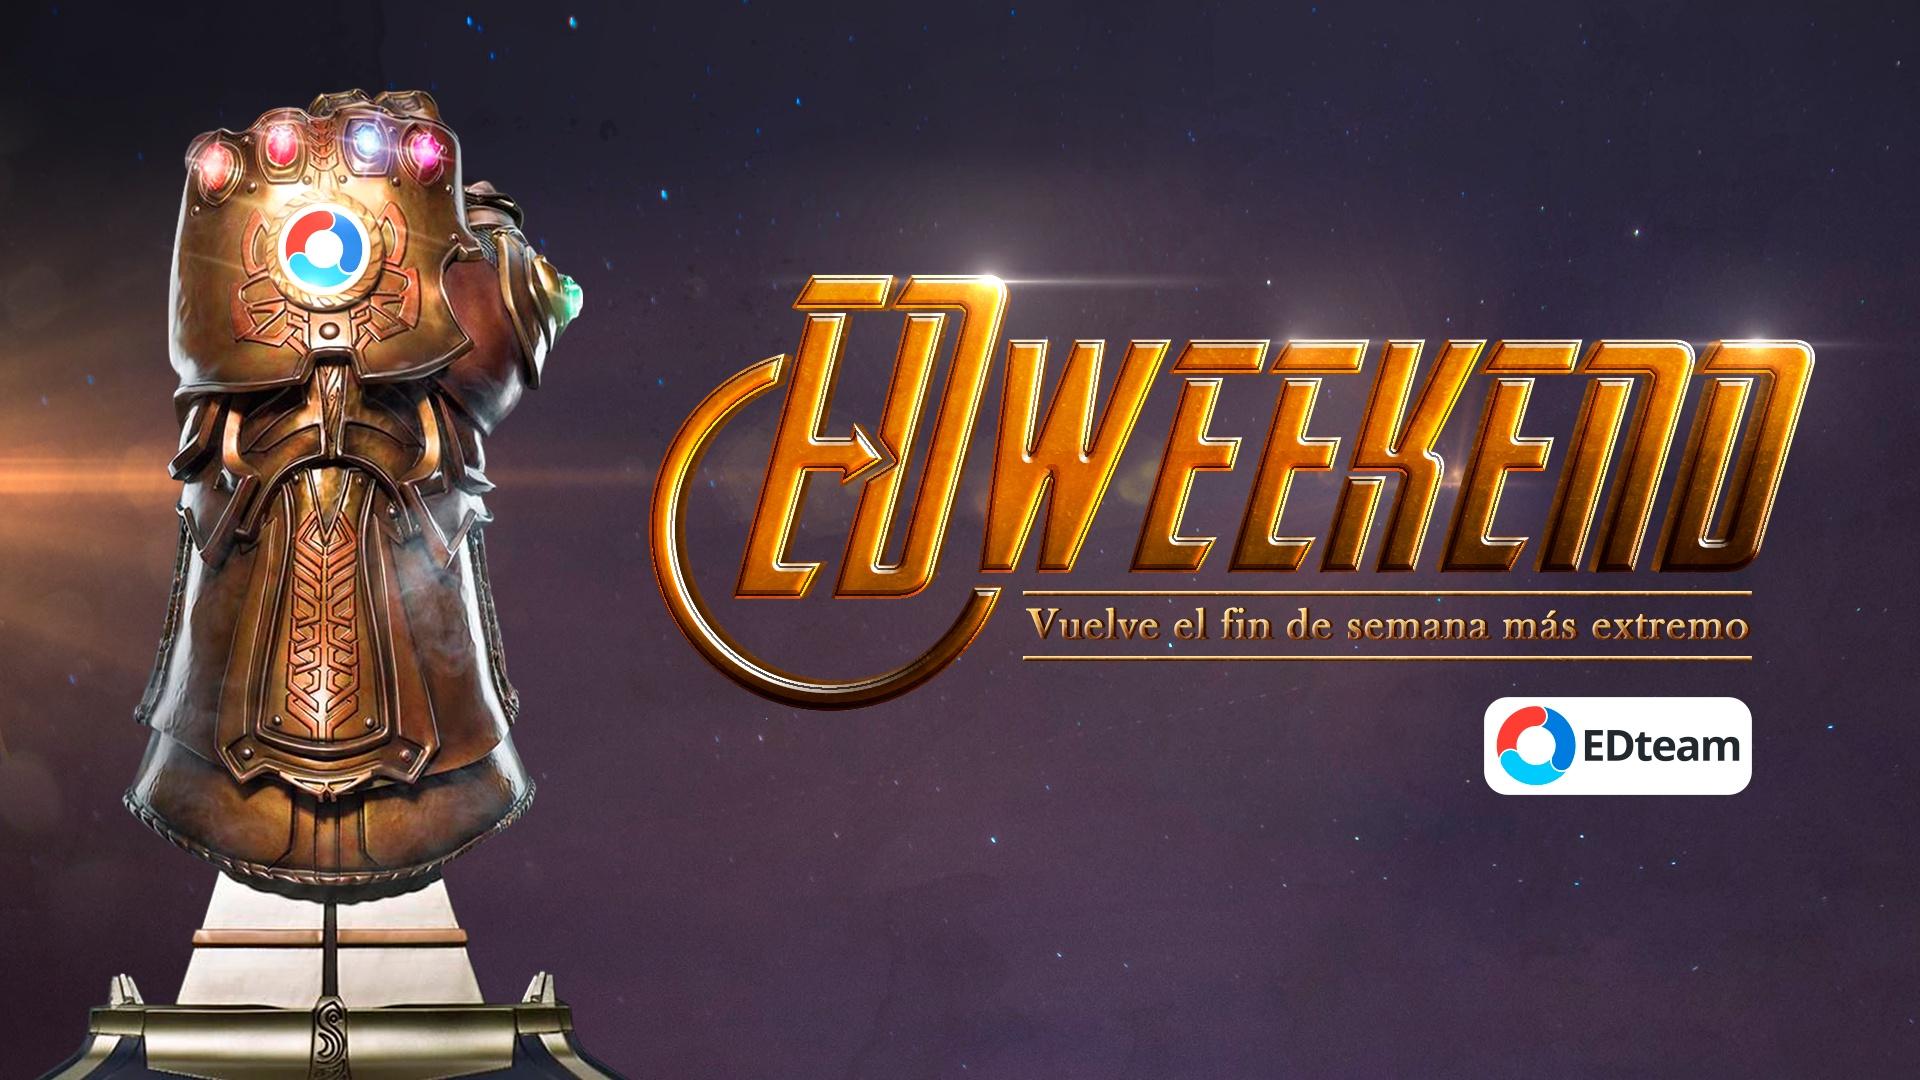 ¡Un año gratis en EDteam con el EDweekend!